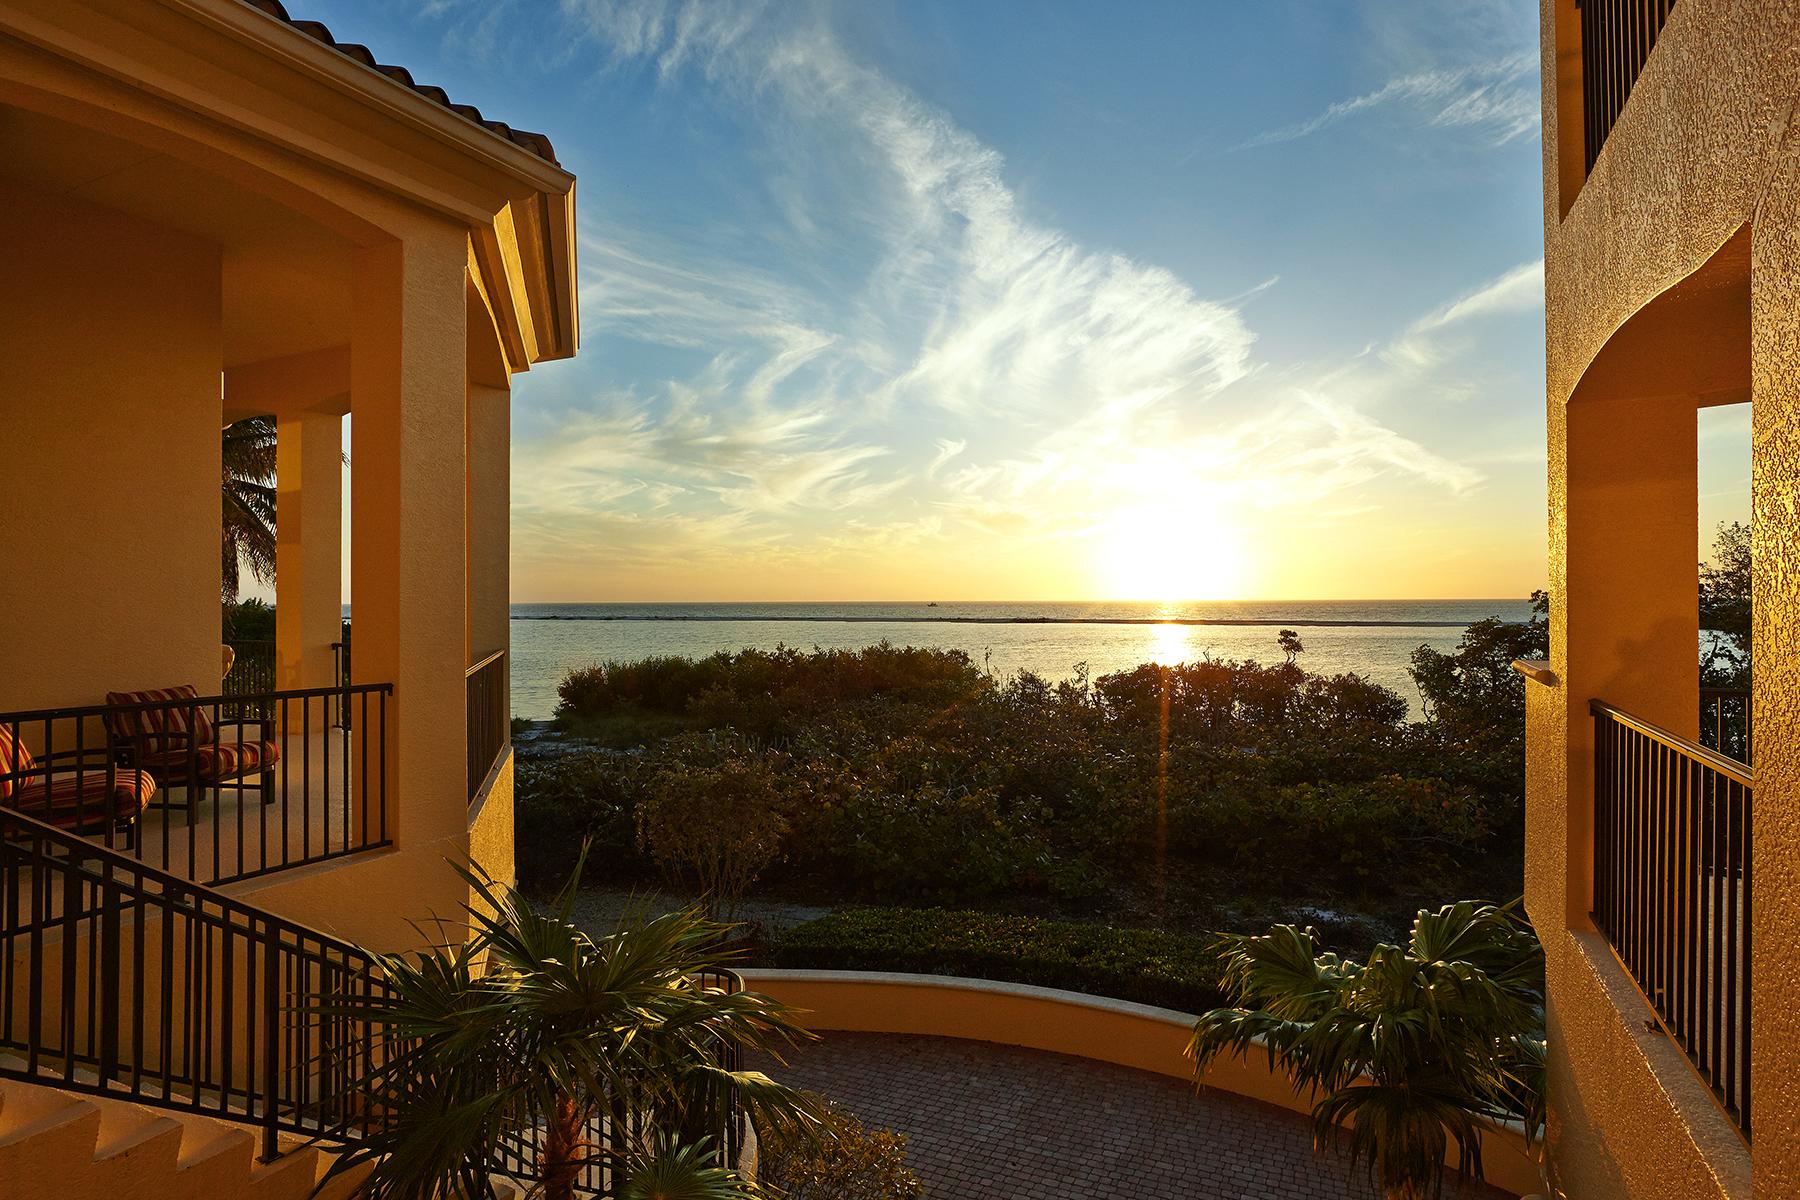 단독 가정 주택 용 매매 에 MARCO ISLAND - HIDEAWAY BEACH 866 Sea Dune Ln Marco Island, 플로리다, 34145 미국